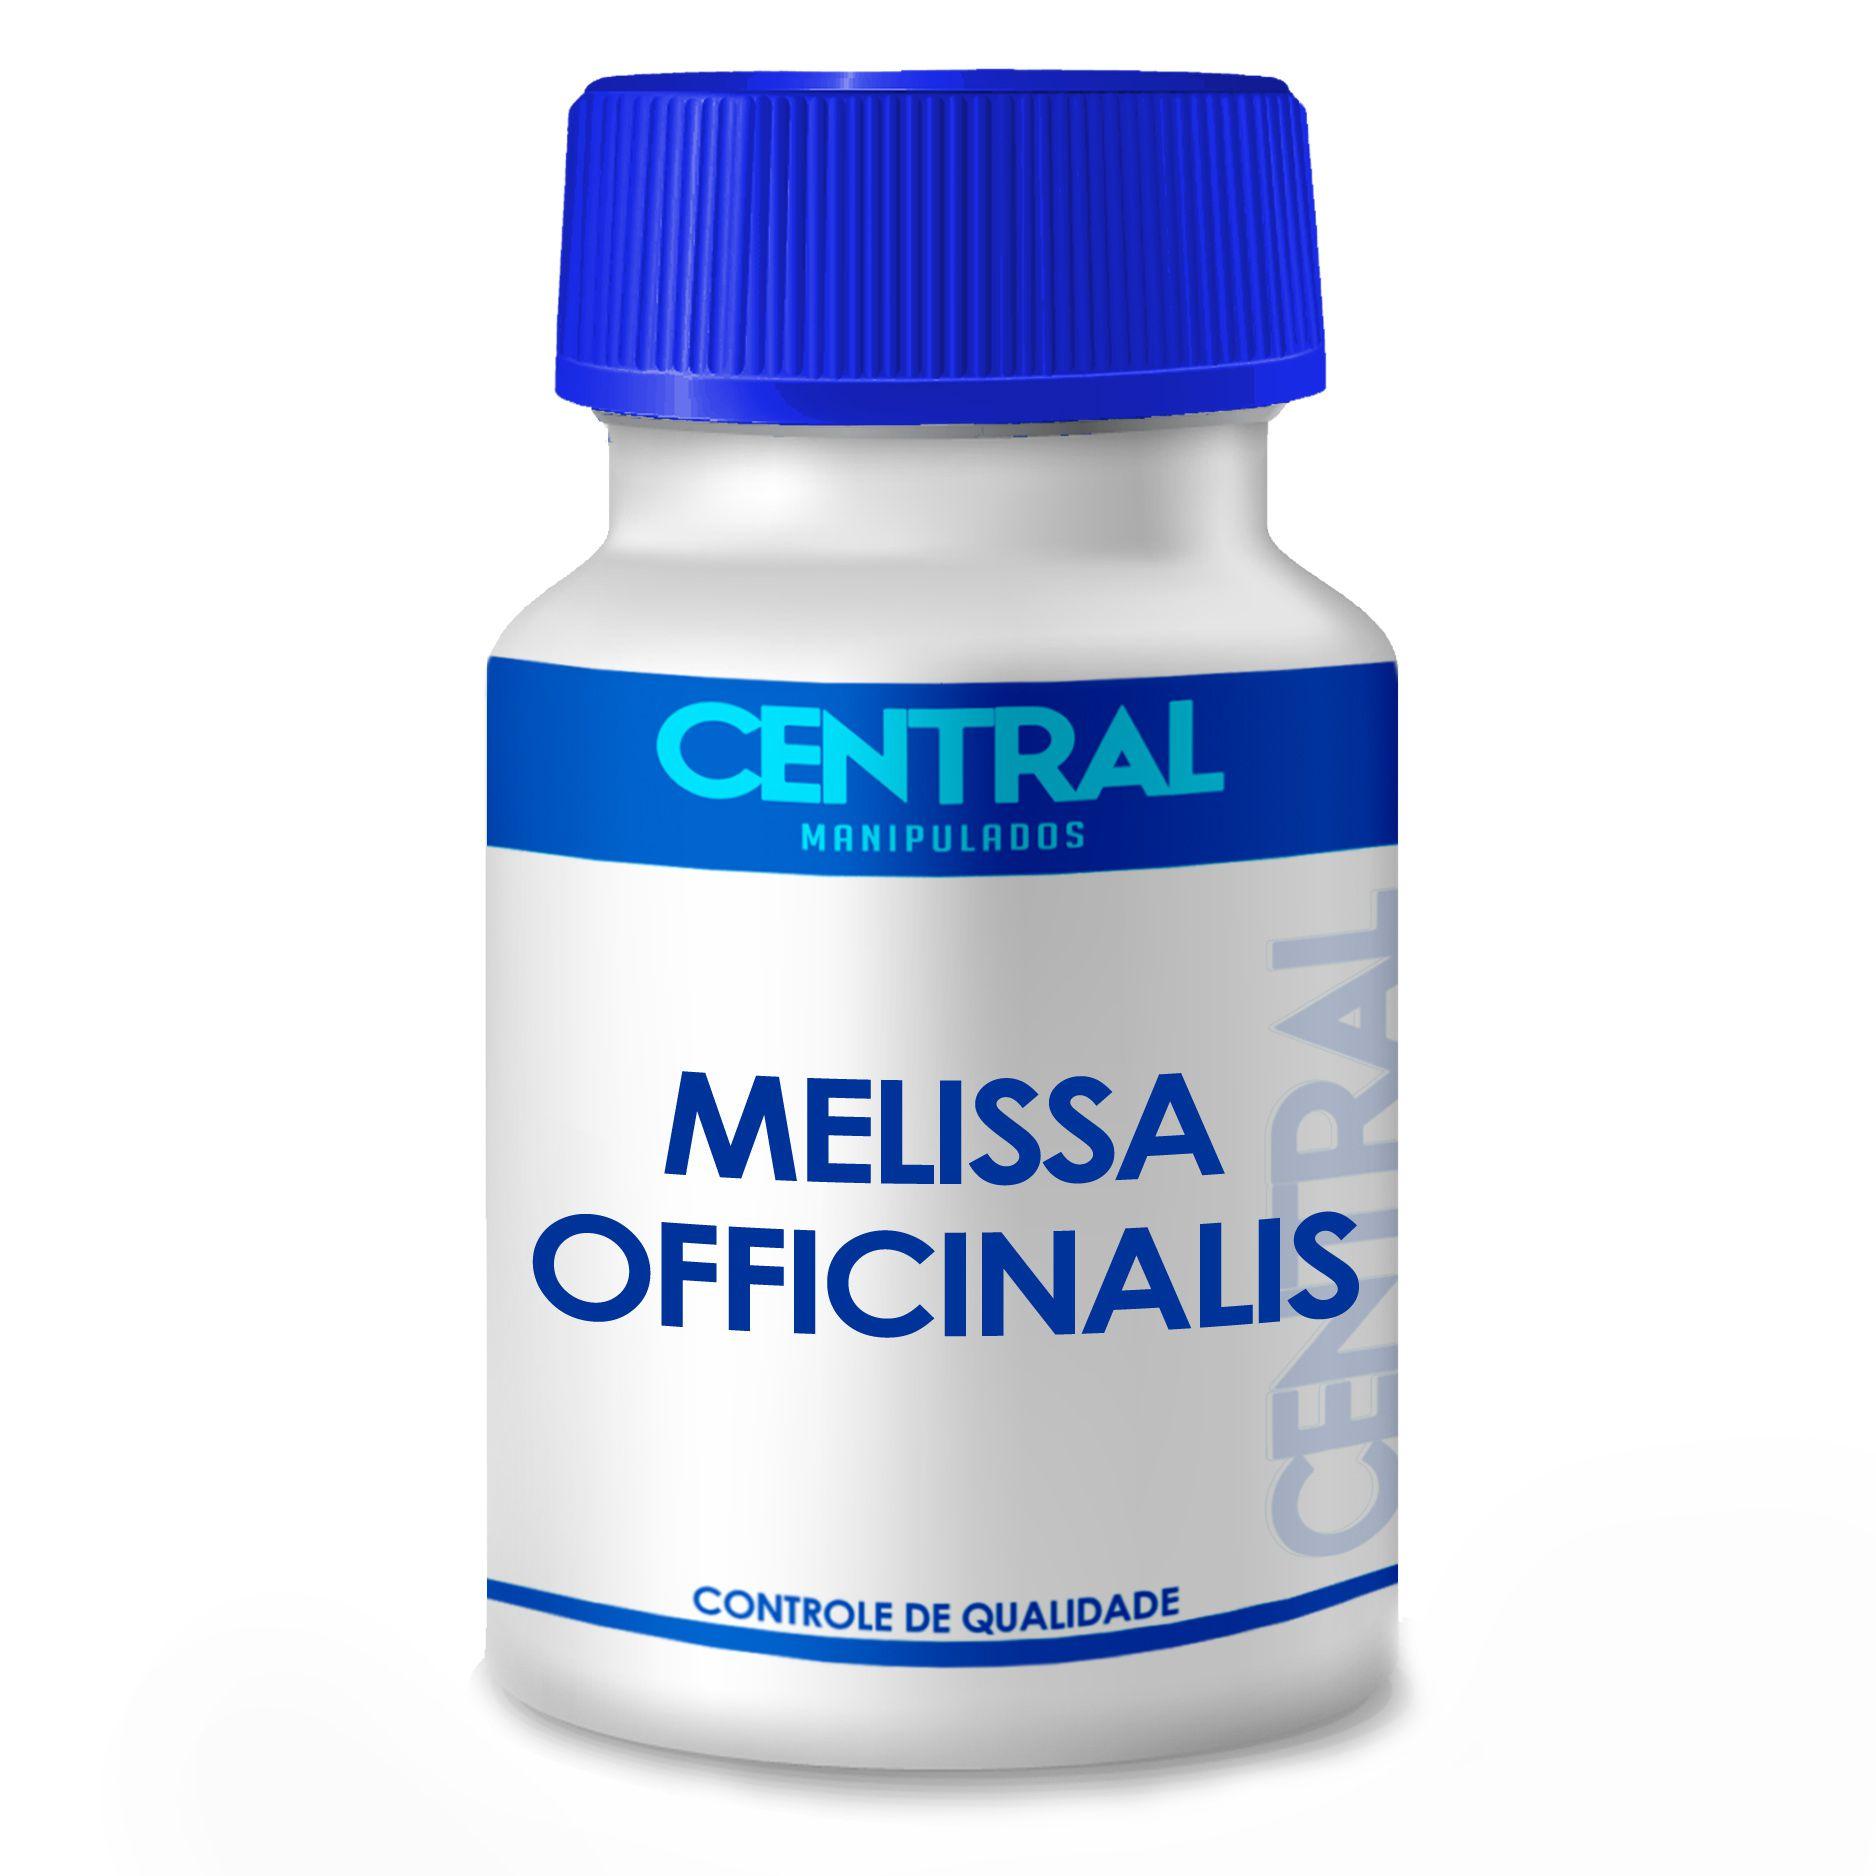 Melissa officinalis - Auxilia no tratamento do nervosismo, agitação e distúrbios do sono - 300mg 120 cápsulas